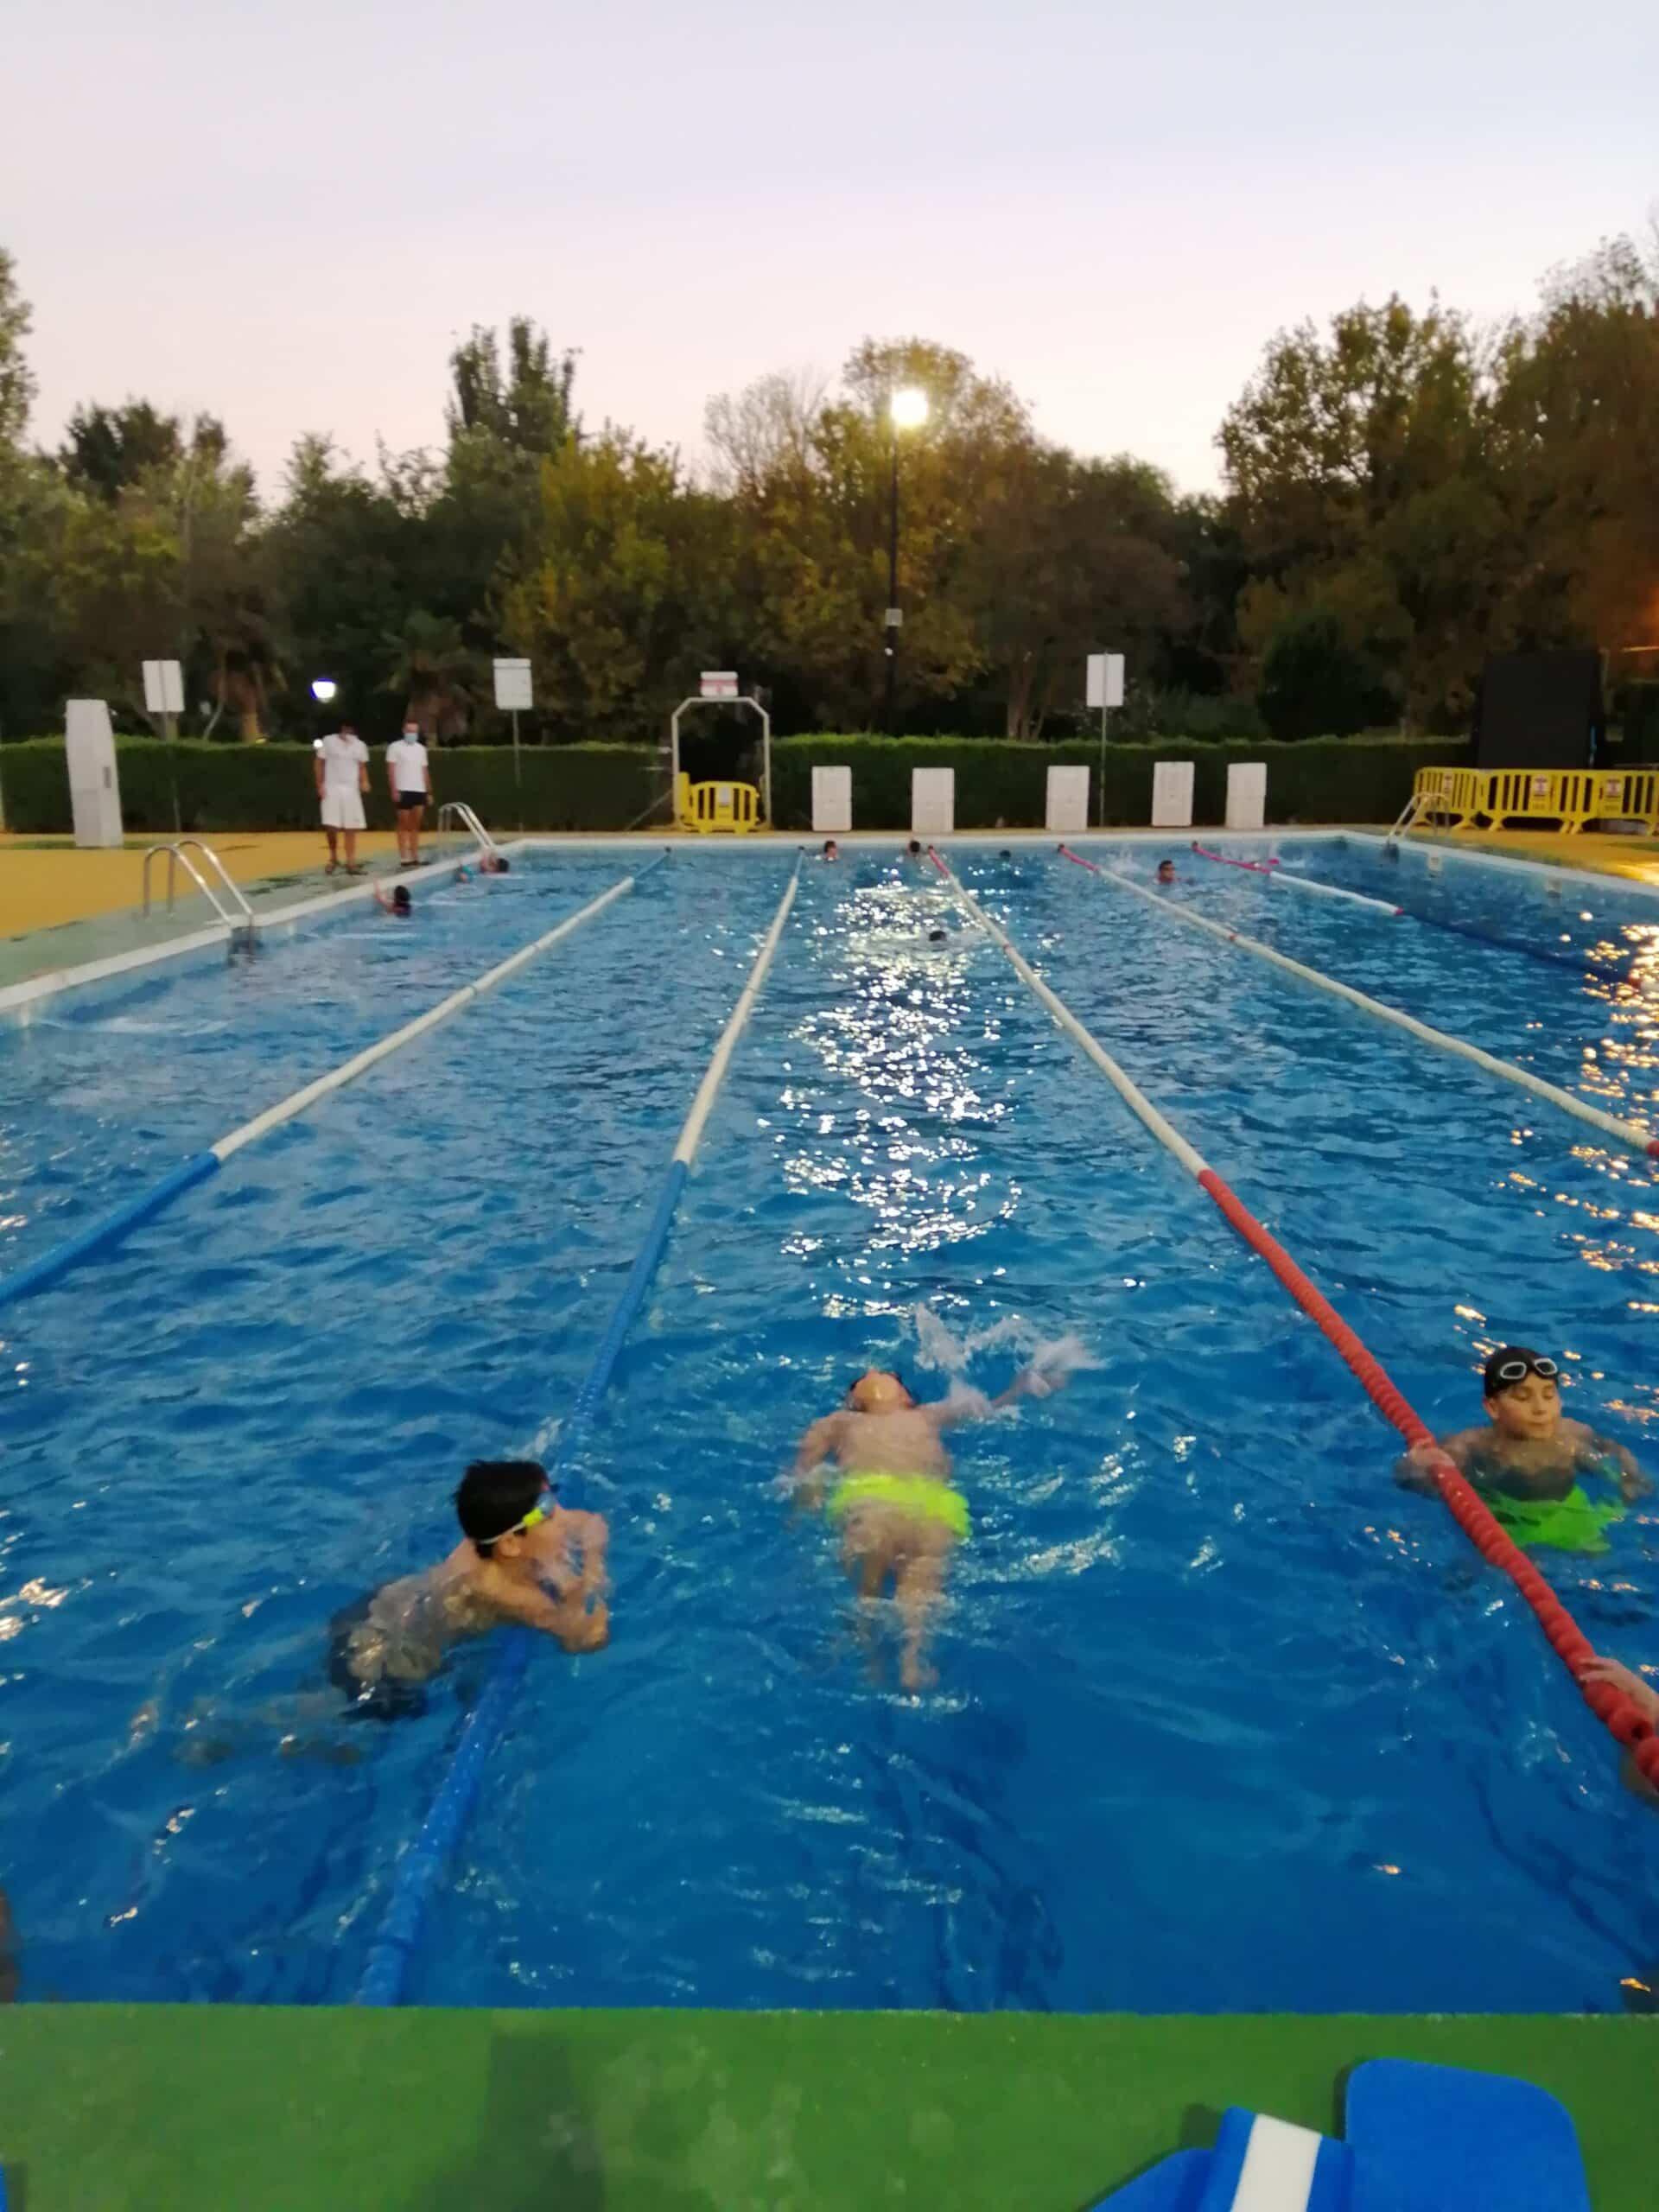 comienzo cursillos natacion agosto herencia 1 scaled - Comienzo de los cursillos de natación de agosto en Herencia